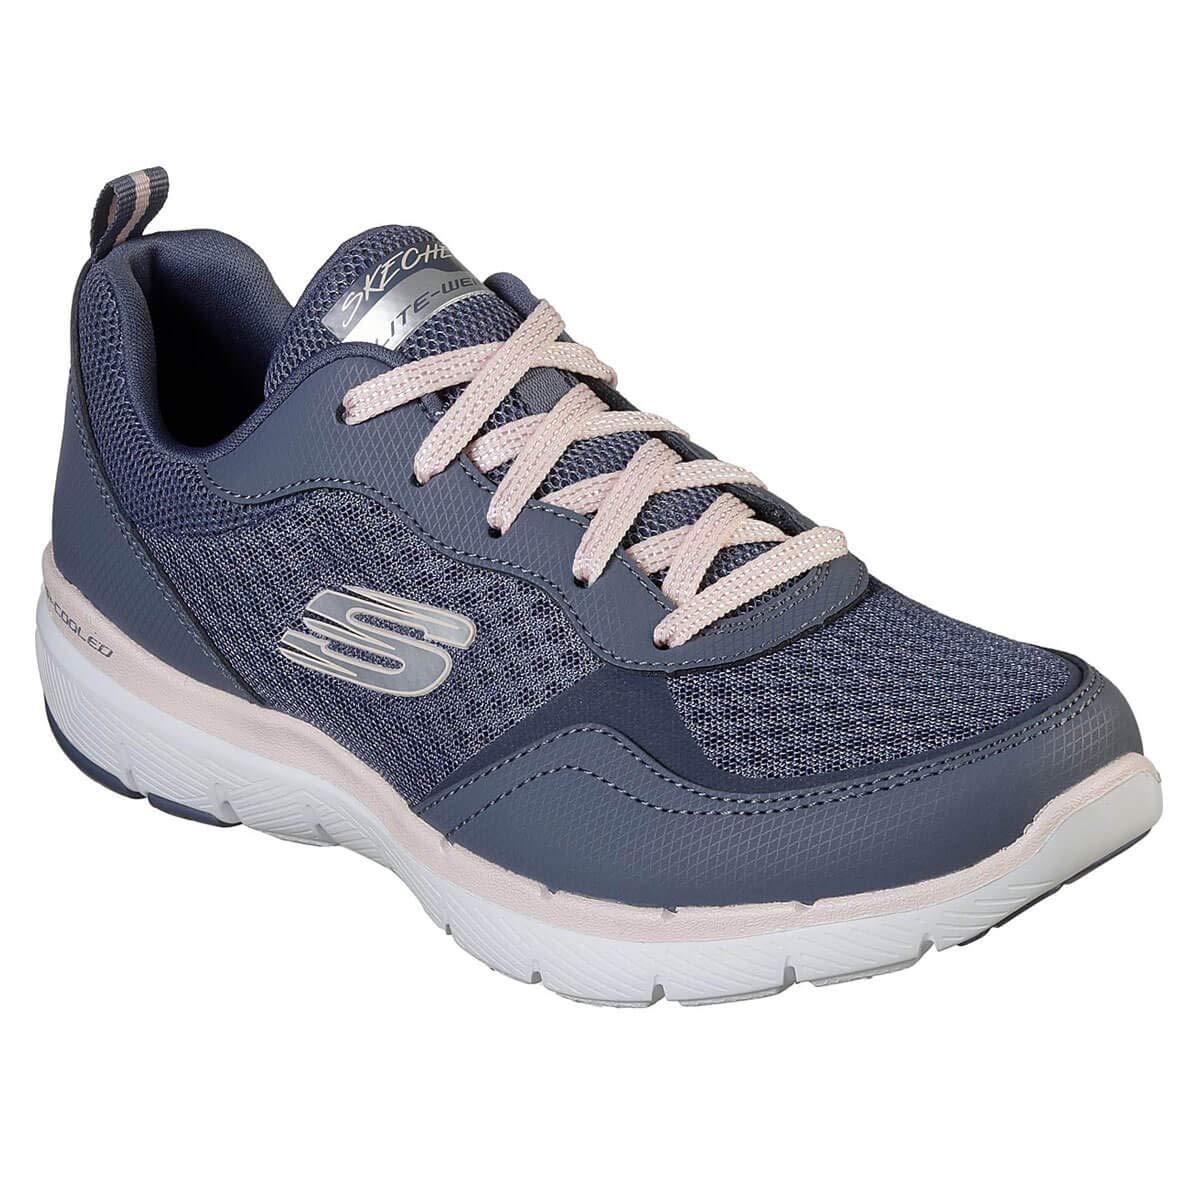 gris (Navy Leather Mesh Aqua Trim Sltp) Skechers Flex Appeal 3.0-go Forward, paniers Femme